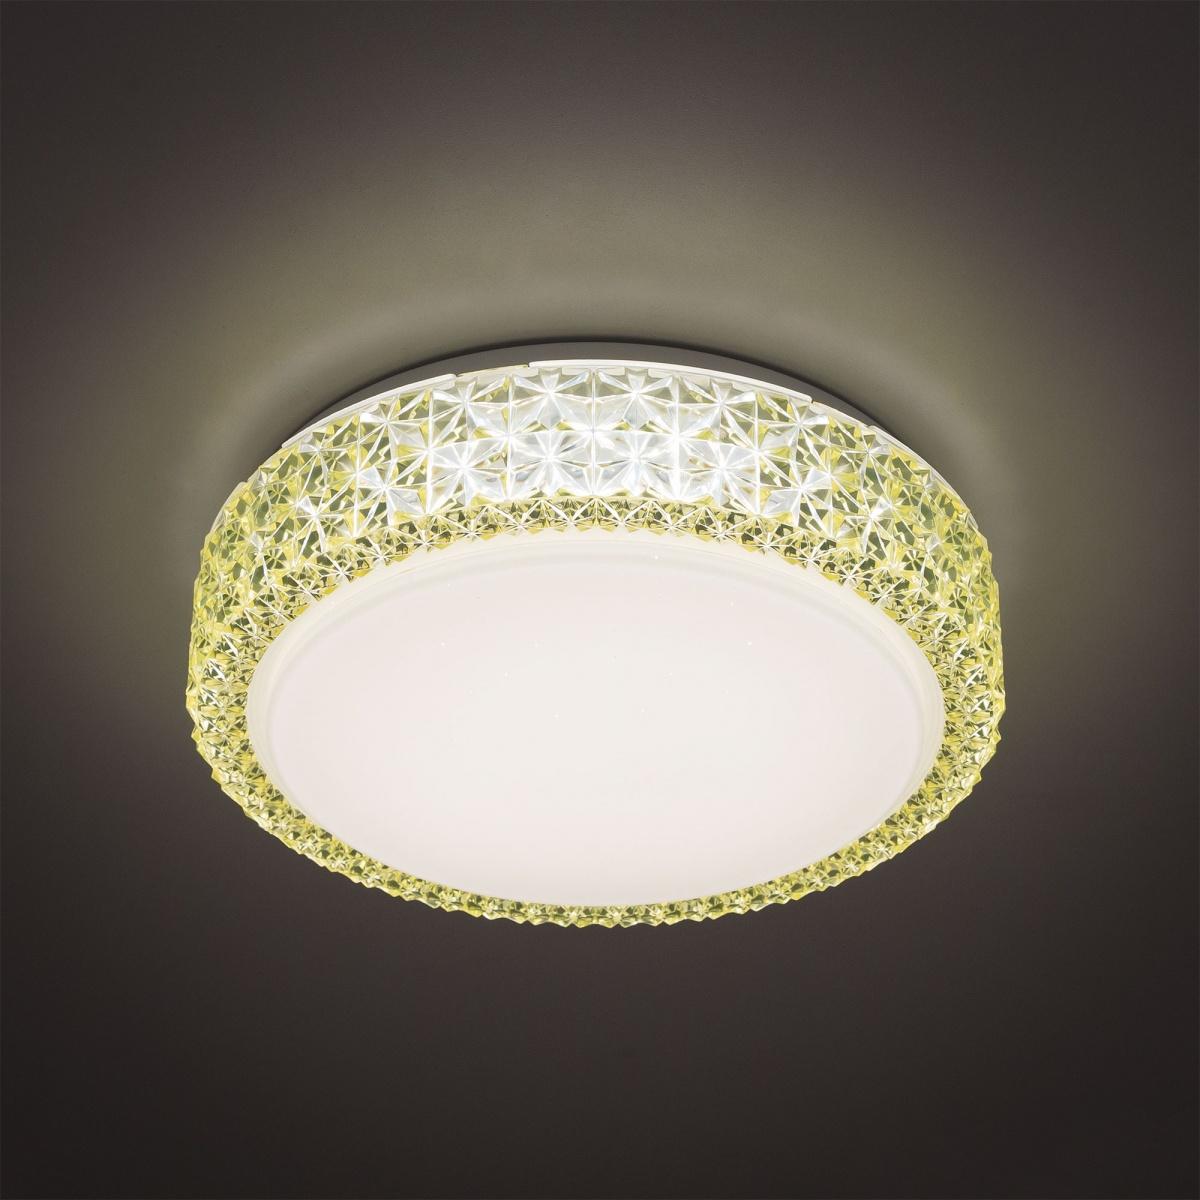 CITILUX CL705012 Потолочный светильник КРИСТАЛИНО 18x1W LED 3000K желтый